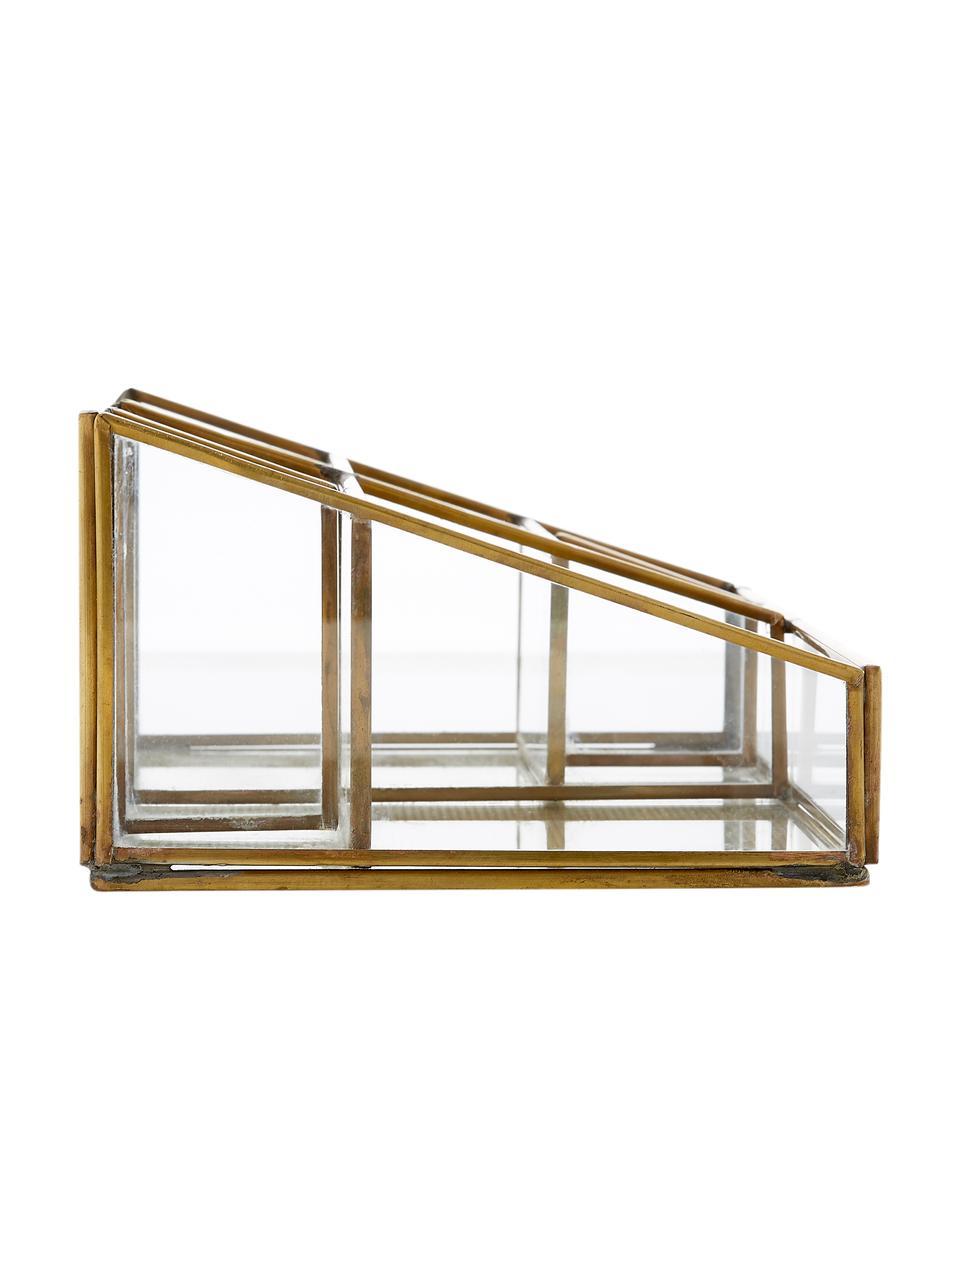 Organizzatore Sorted, Metallo, materiale sintetico, vetro, Ottone, Larg. 24 x Alt. 9 cm